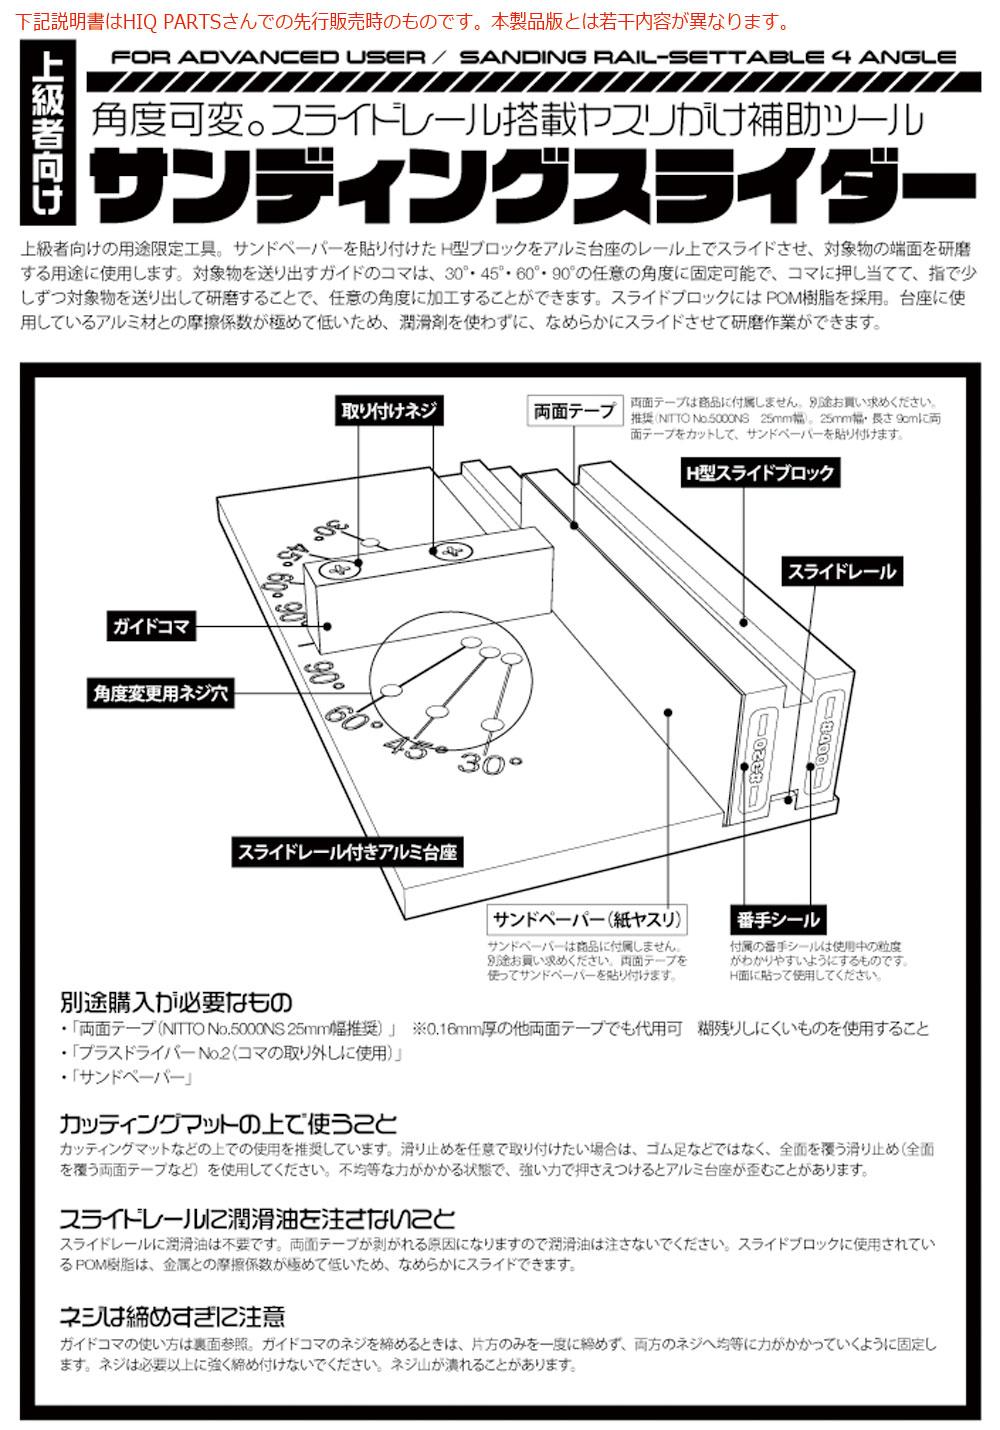 サンディングスライダーツール(HIQパーツヤスリツールNo.SDSL-F)商品画像_3